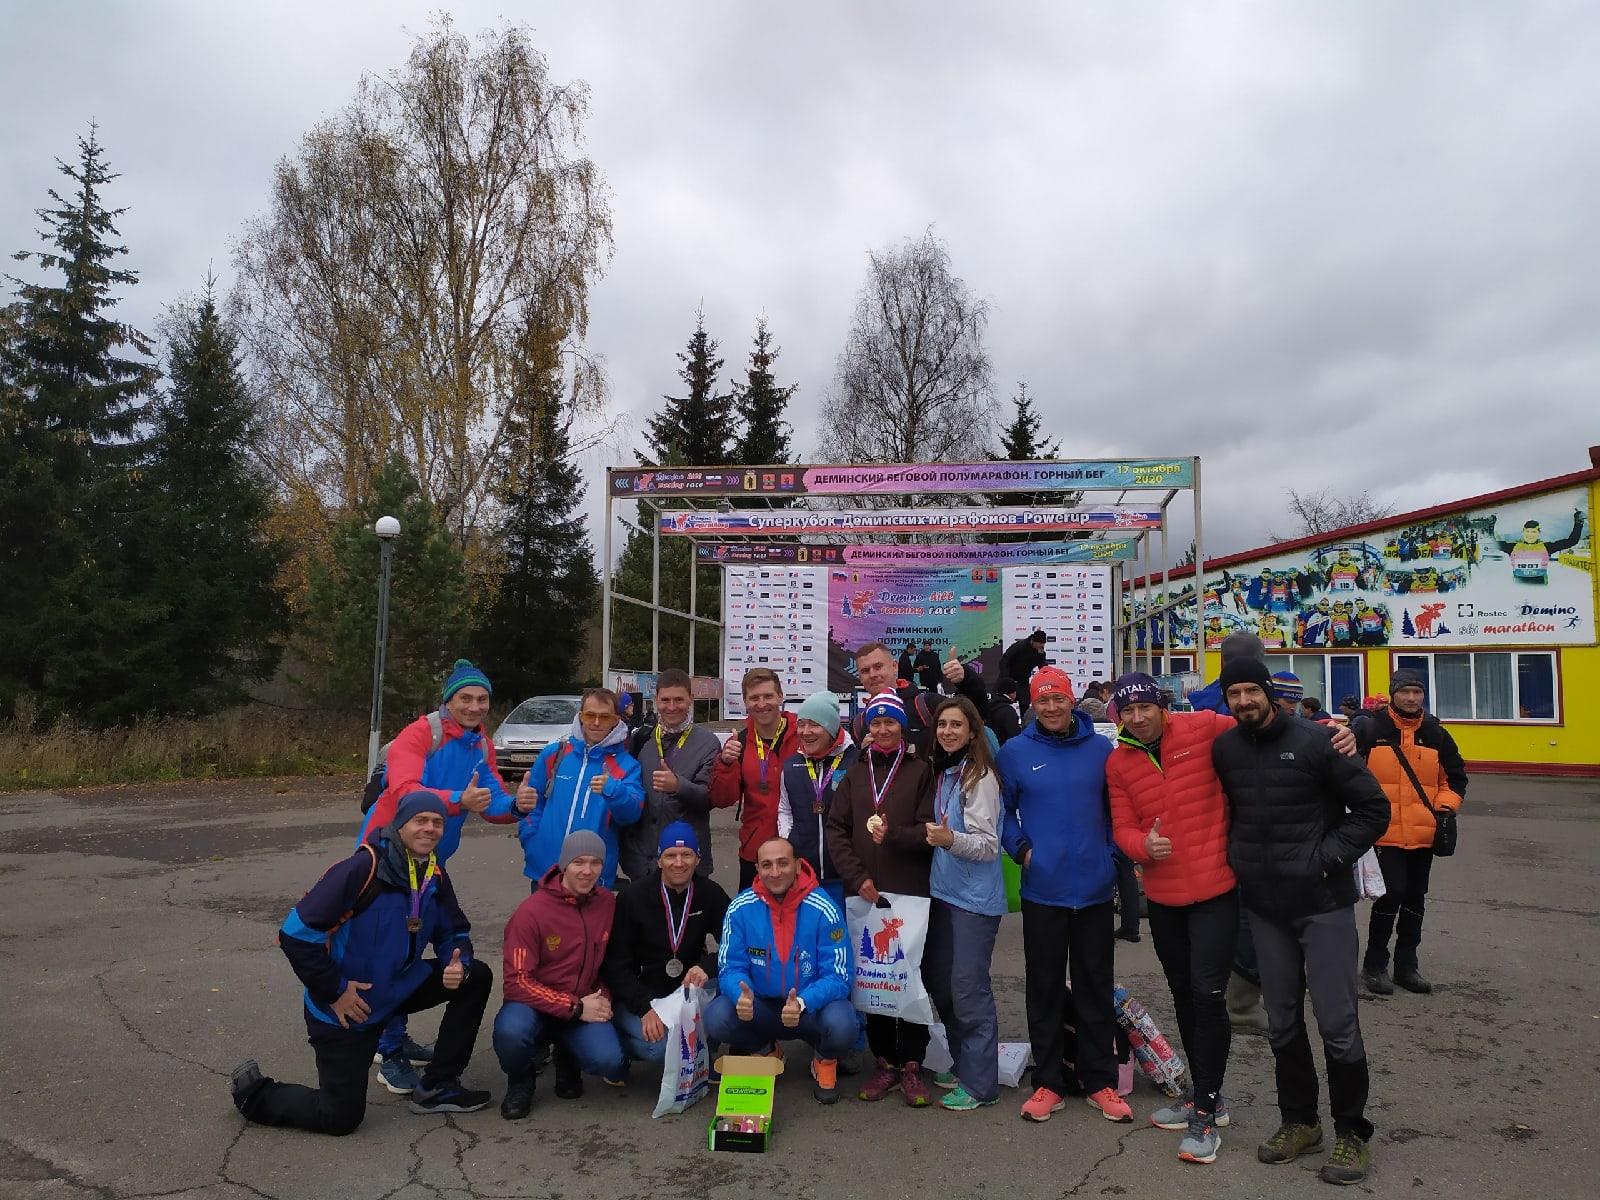 Фотография спортсменов Костромской области Дёминского бегового полумарафона 2020 - Горный бег